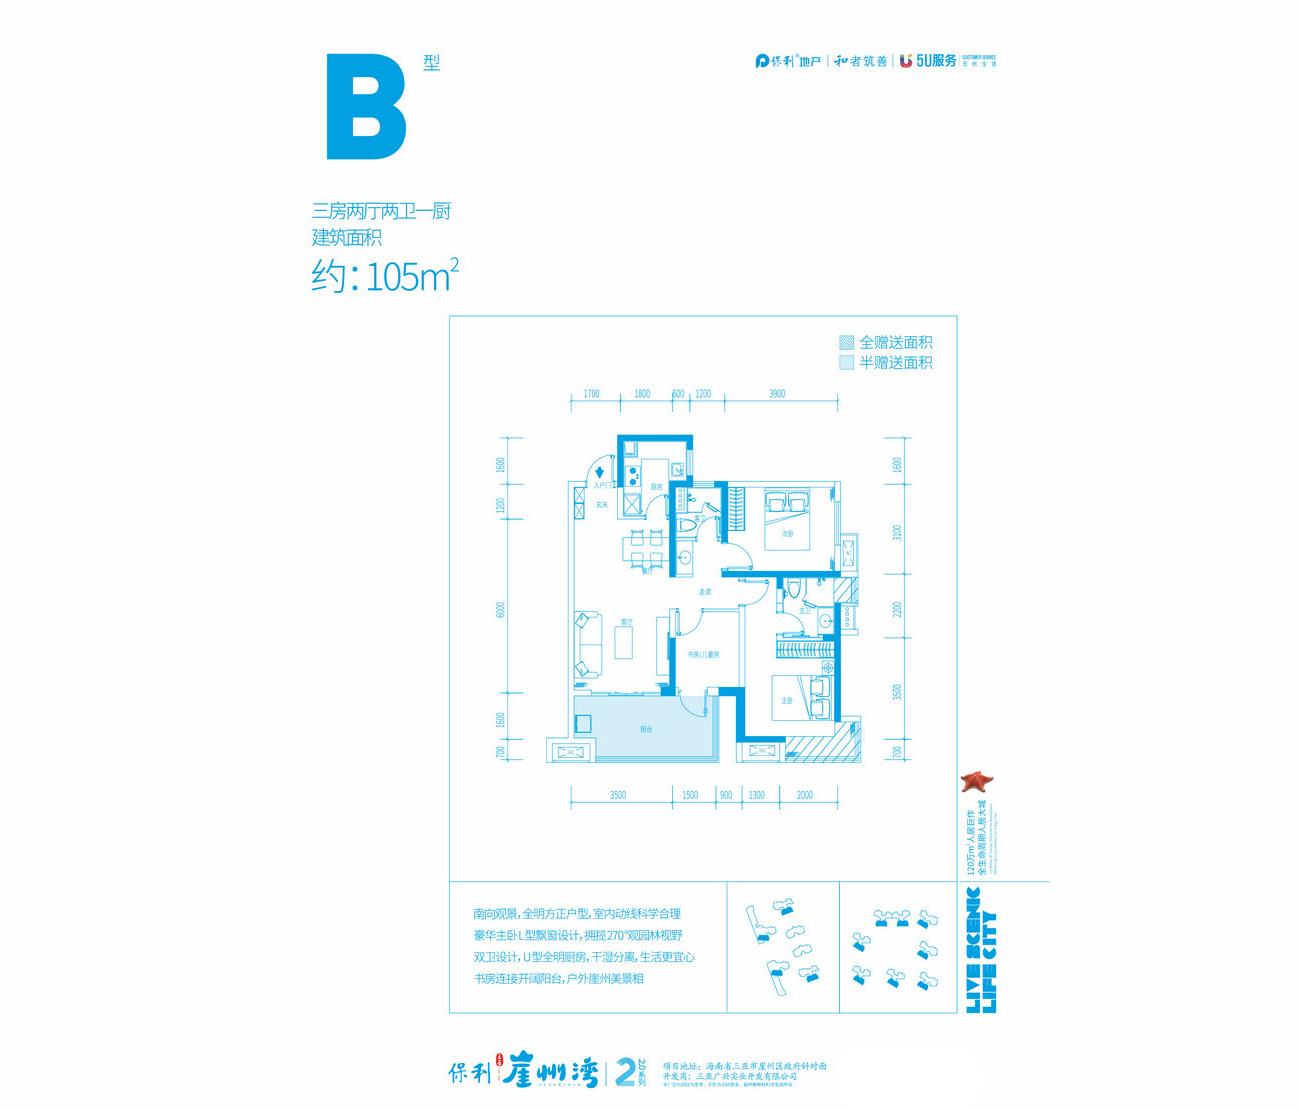 保利崖州湾3室2厅2卫 (建筑面积:105.00㎡)